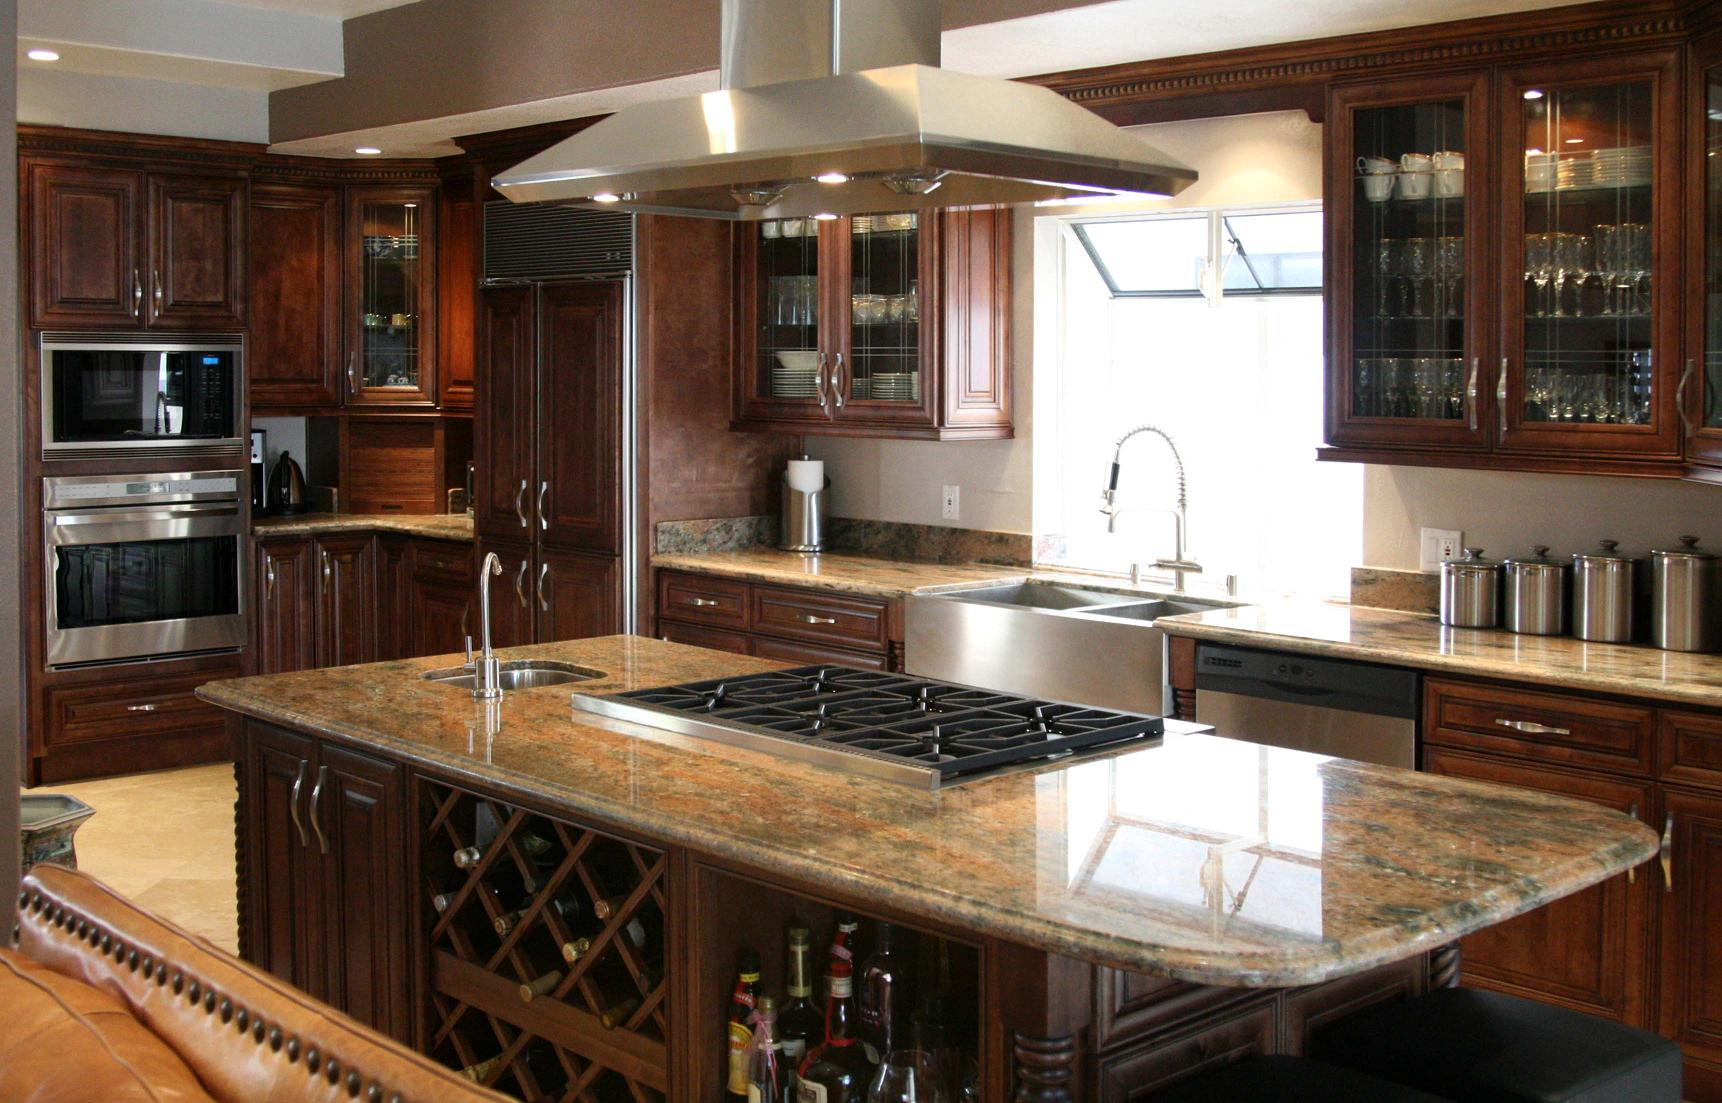 Sterling kitchen sink Photo - 1